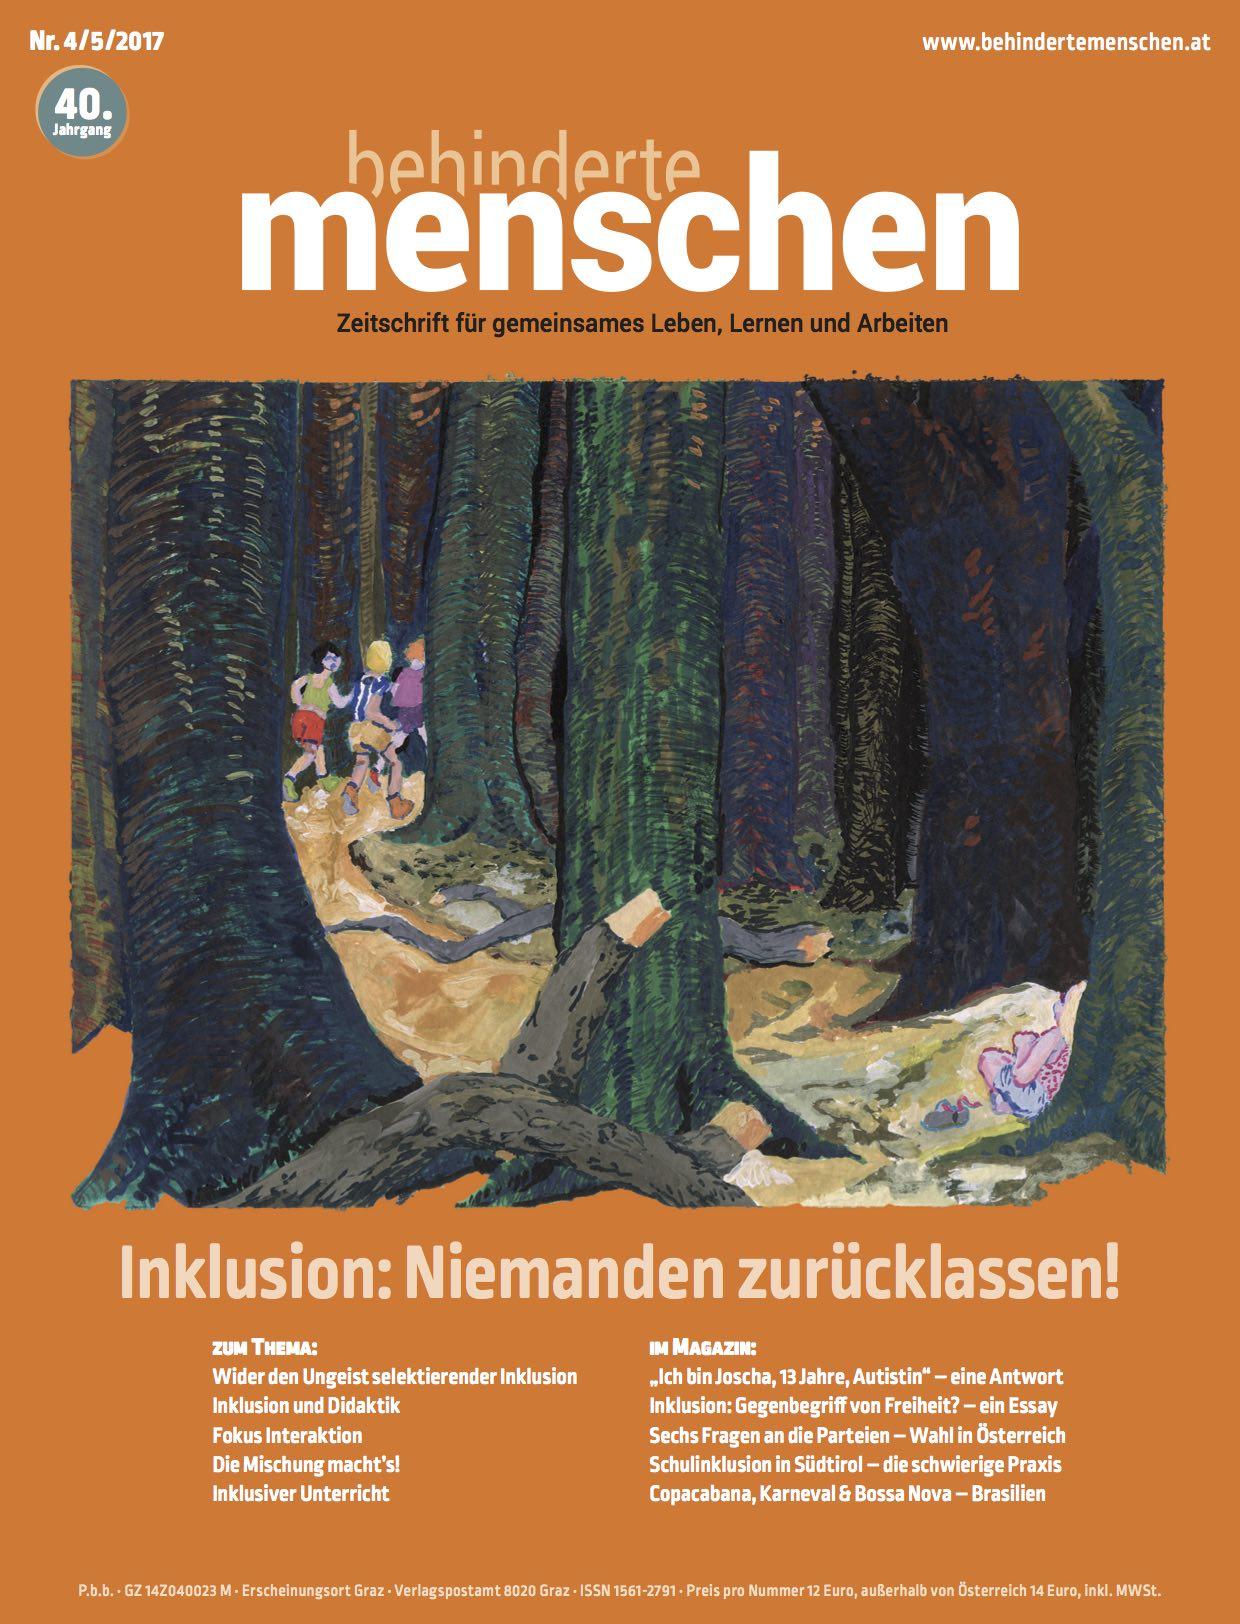 """Titelbild der Zeitschrift BEHINDERTE MENSCHEN, Ausgabe 4/5/2017 """"Inklusion: Niemanden zurücklassen!"""""""